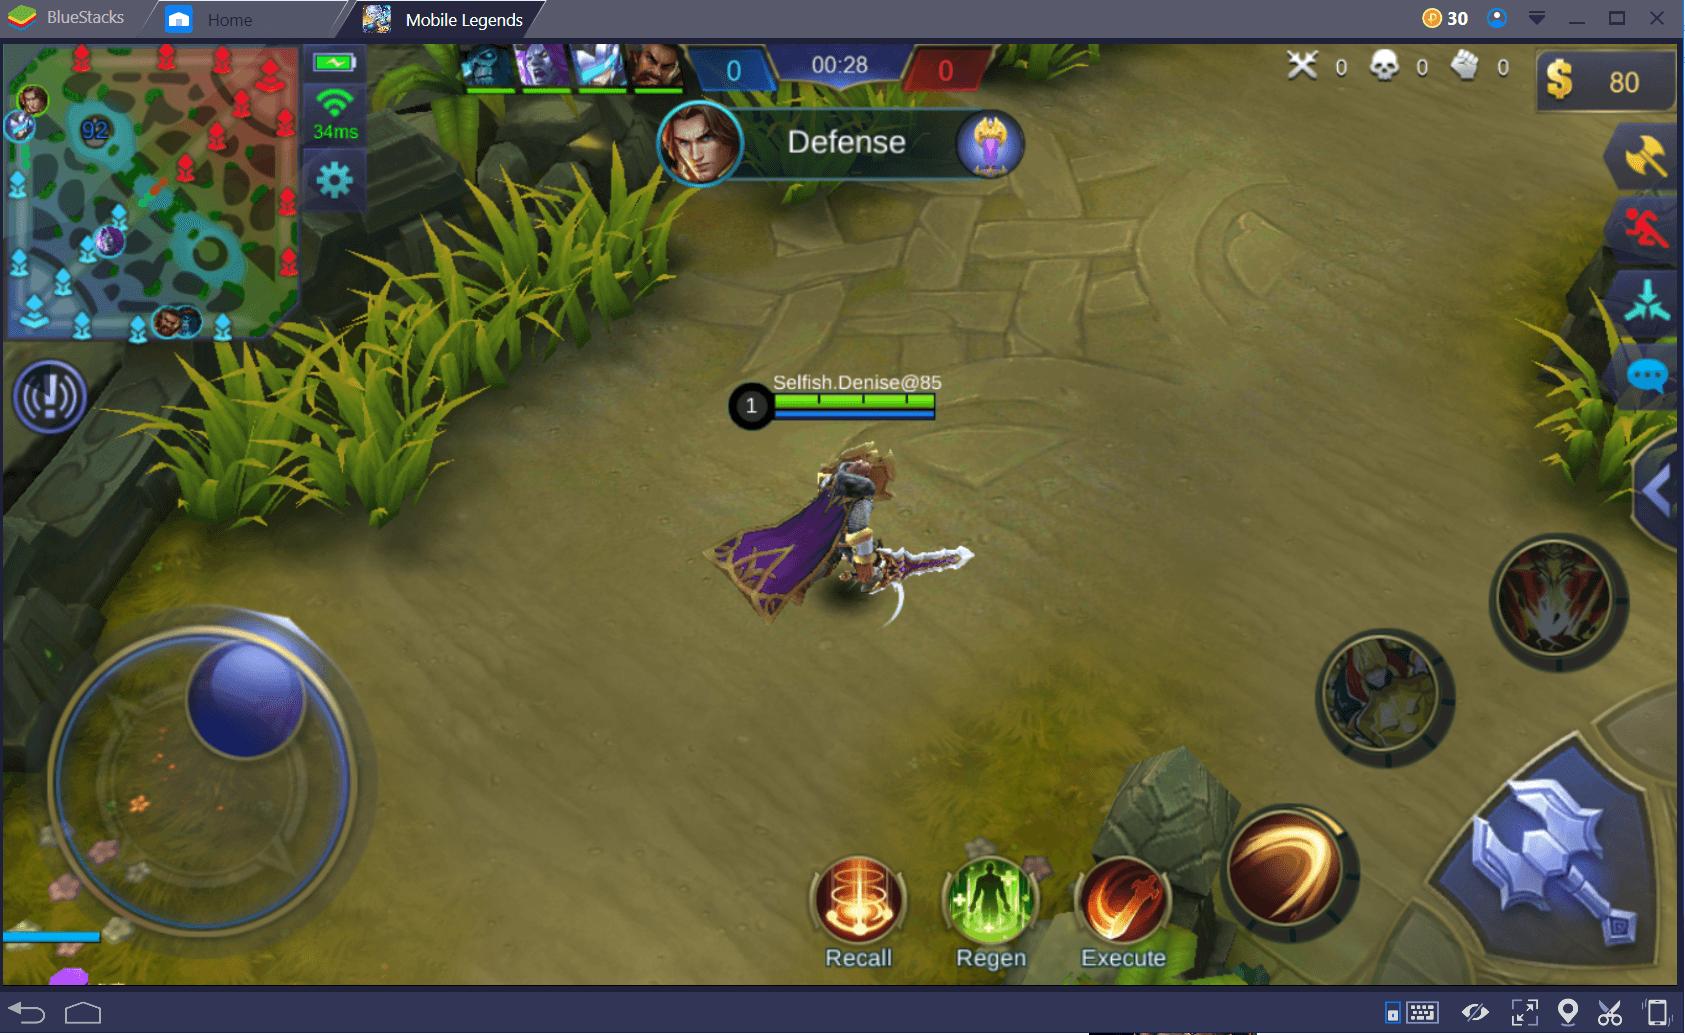 كيفية إتقان مرحلة الممر العلوي في لعبة Mobile Legends: Bang Bang